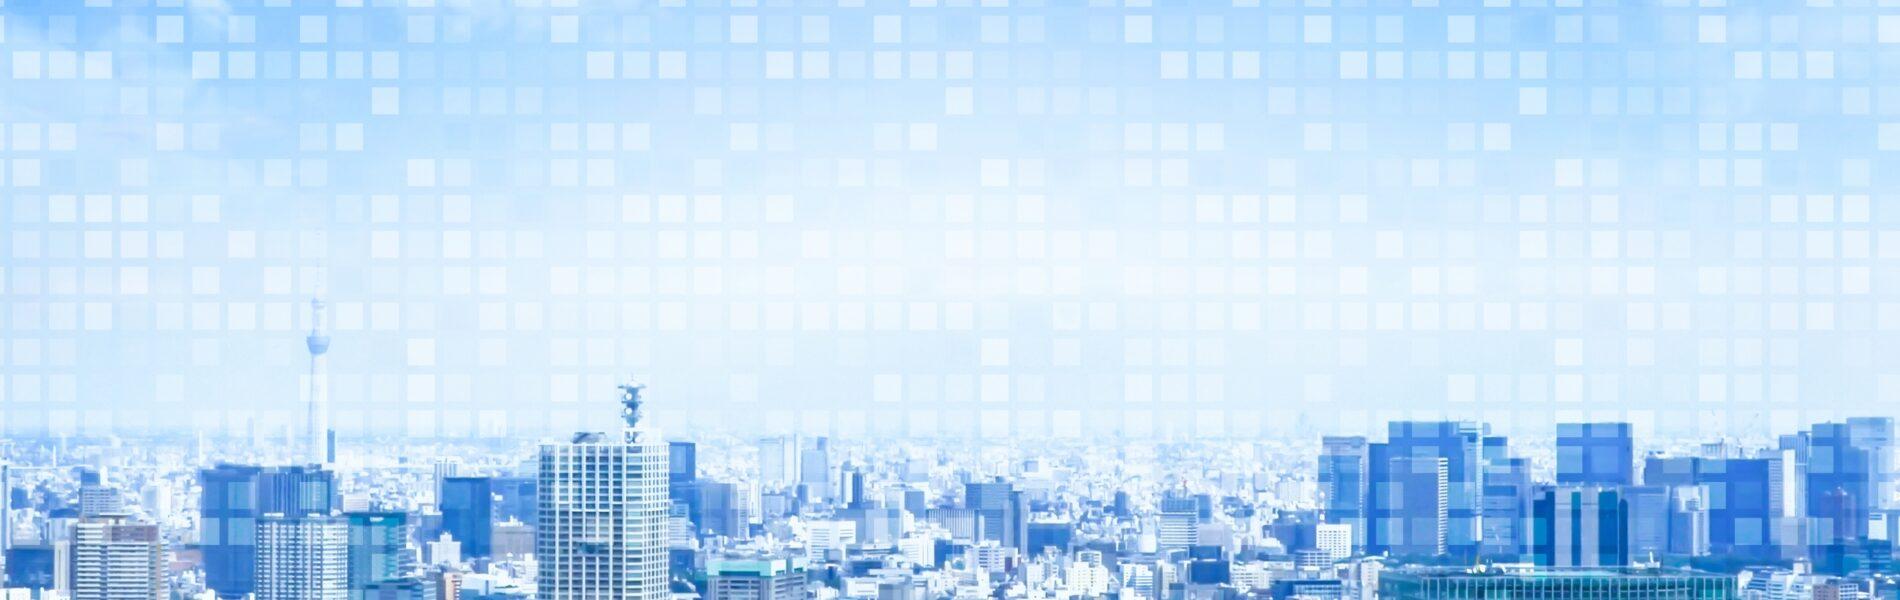 施術ビジネス(治療院/整骨院/整体・リラクゼーション院/美容・エステサロン/トレーニング/リハビリ/デイサービス等)のための、経営コンサルティング/WEBコンサルティング(ホームページ制作/SEO対策/MEO対策)/補助金・助成金・融資申請サポート